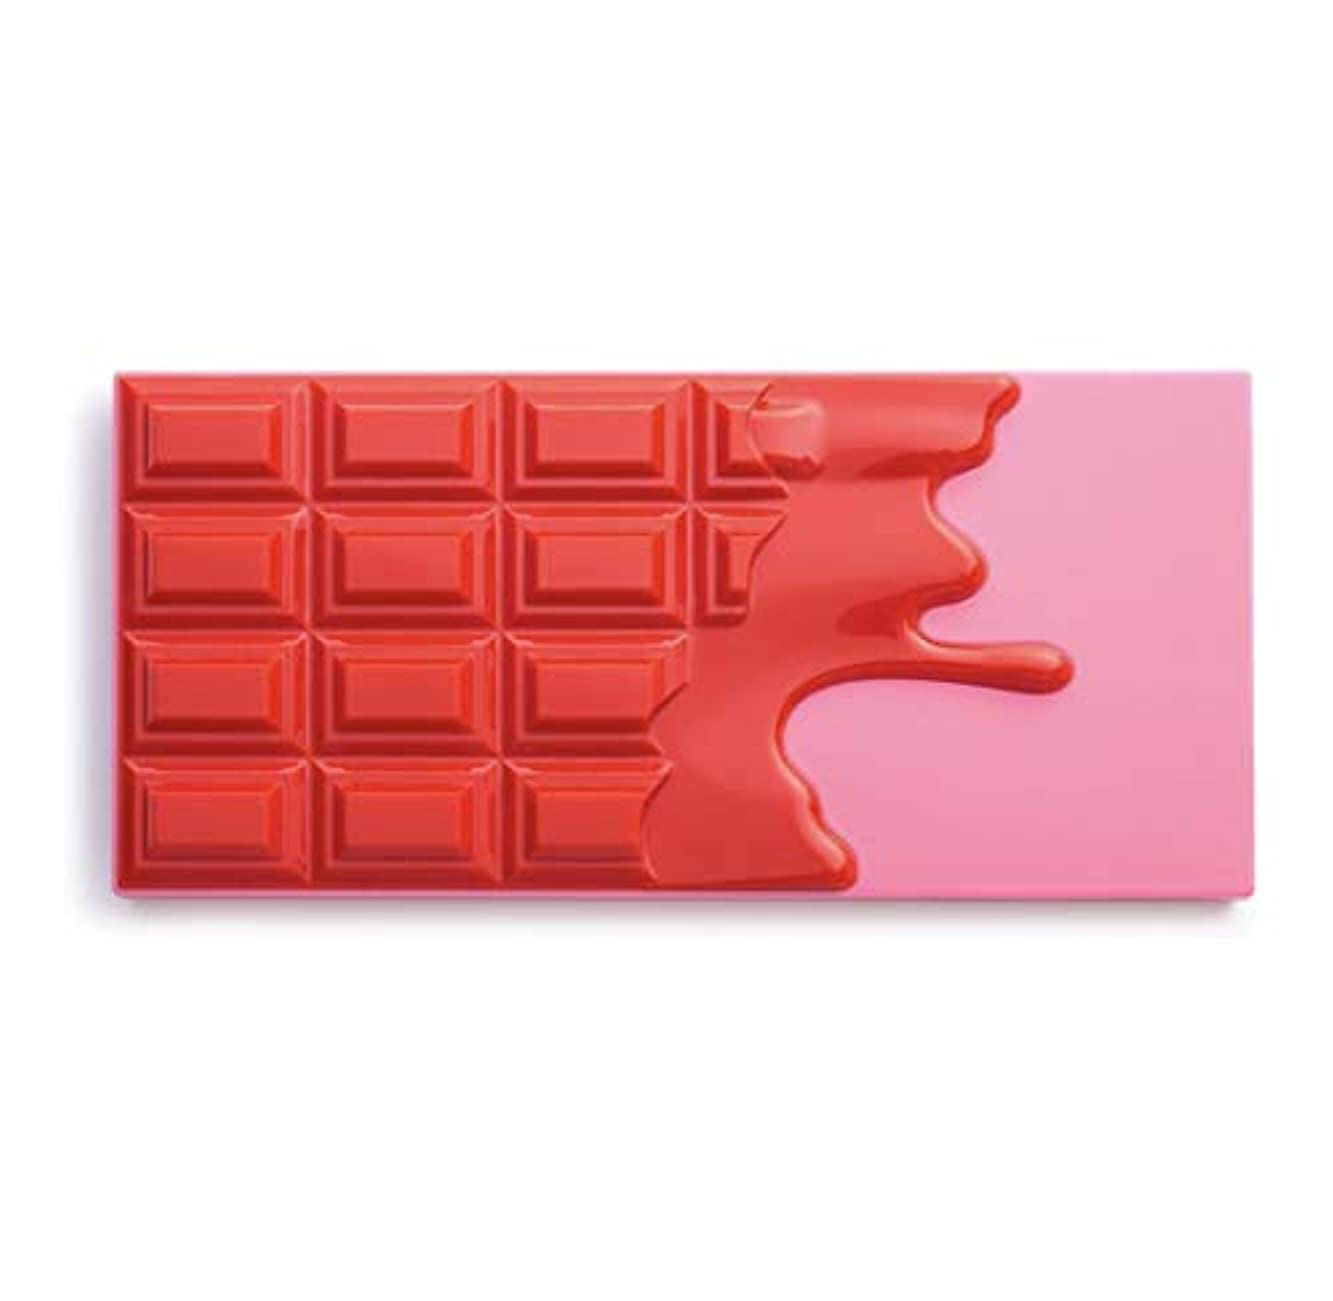 ひばりシェルター激しいメイクアップレボリューション アイラブメイクアップ チョコレート型18色アイシャドウパレット #Cherry Chocolate